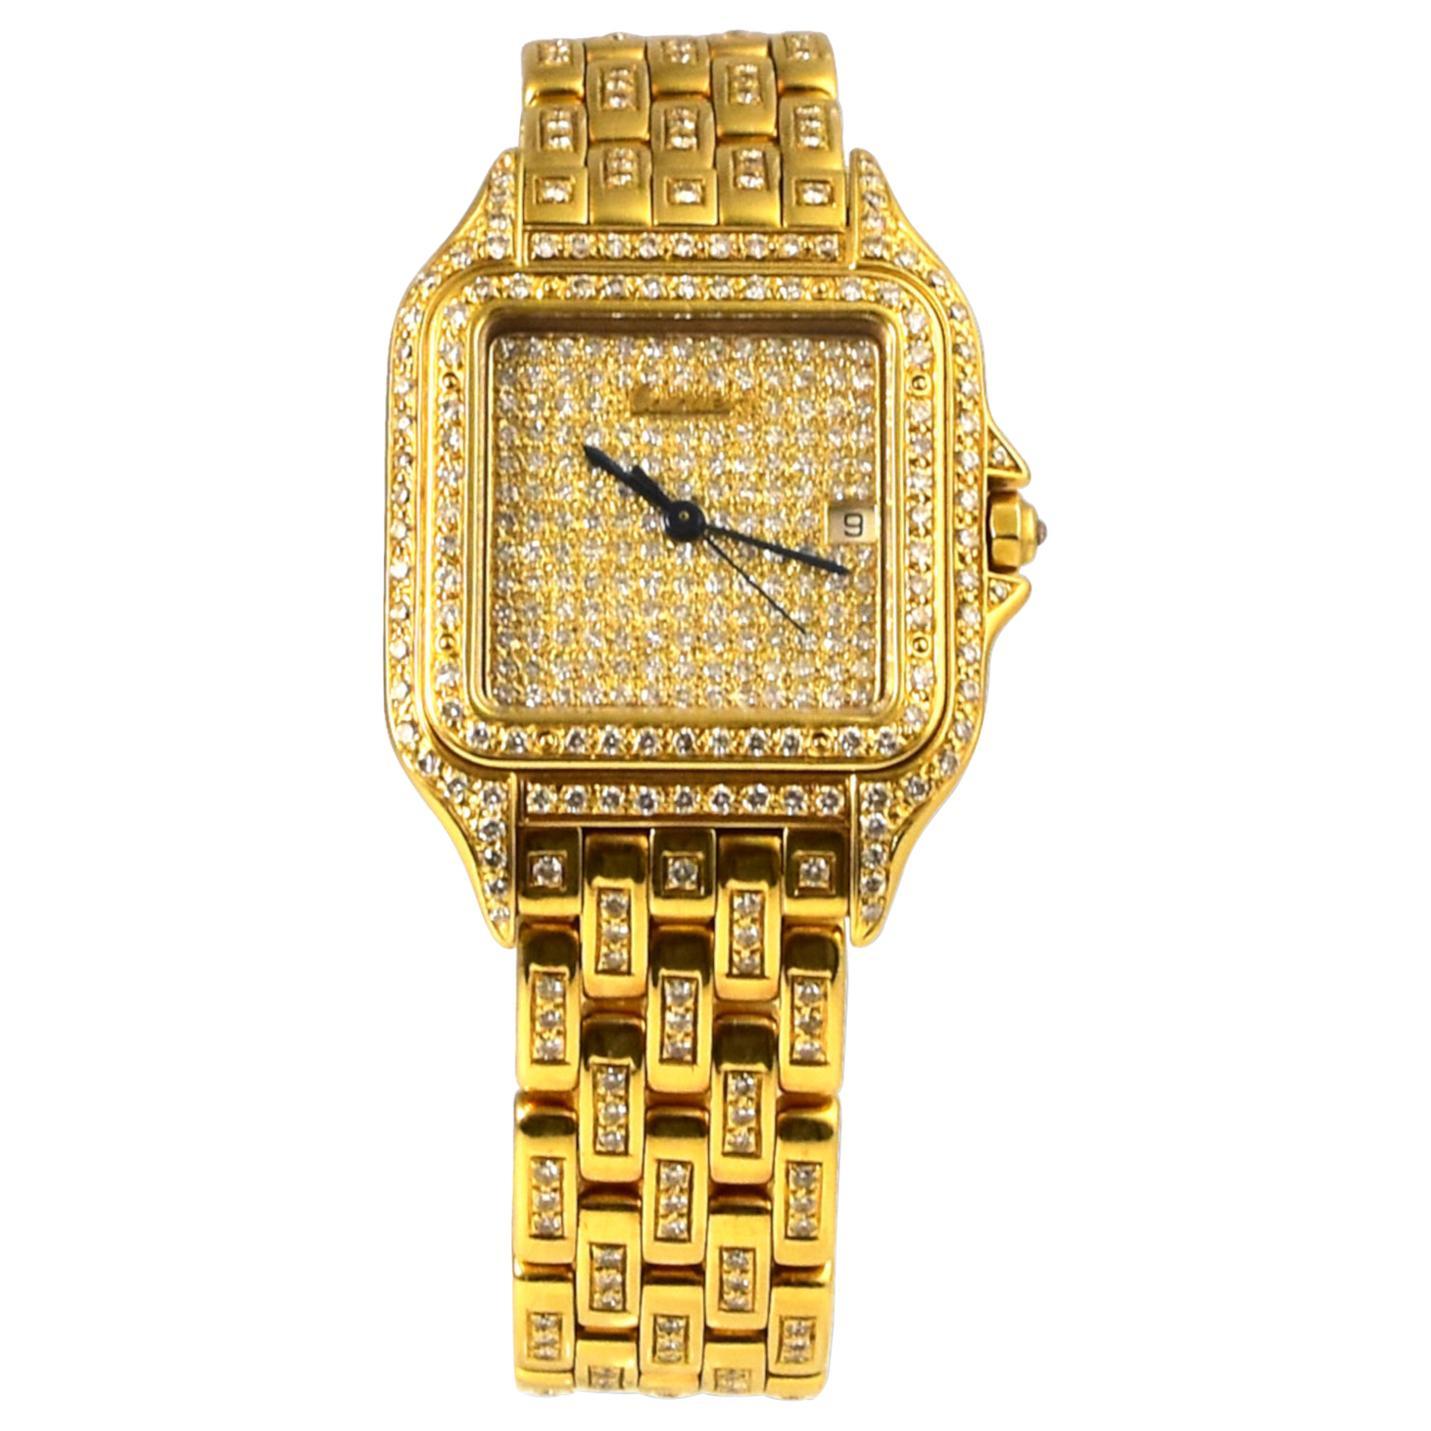 Cartier Panthere De Cartier in 18k Yellow Gold Diamond Watch